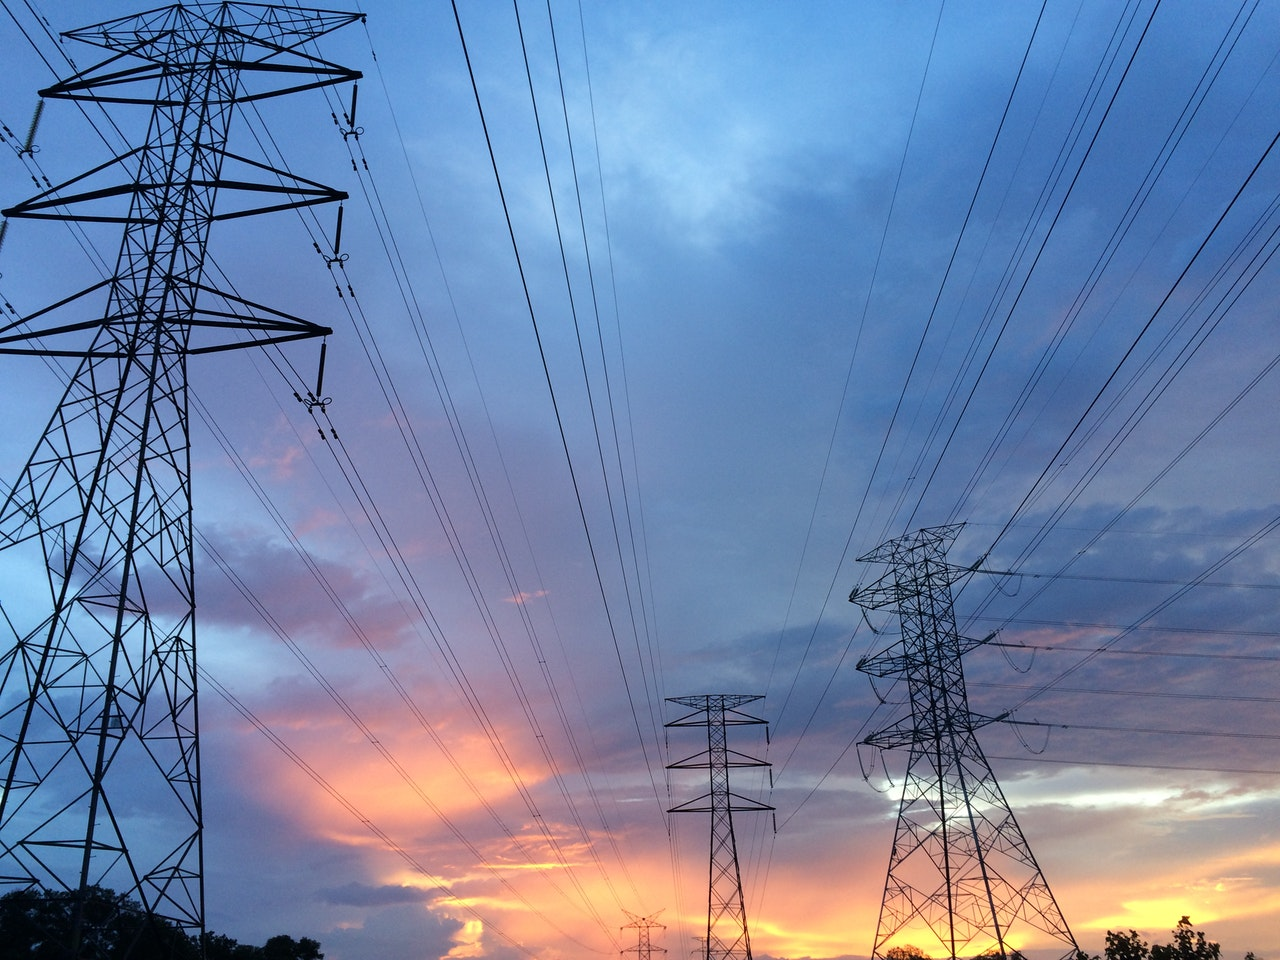 Energia elétrica liderou a alta da inflação em maio. (Fonte: Pexels/Pok Rie/Reprodução)